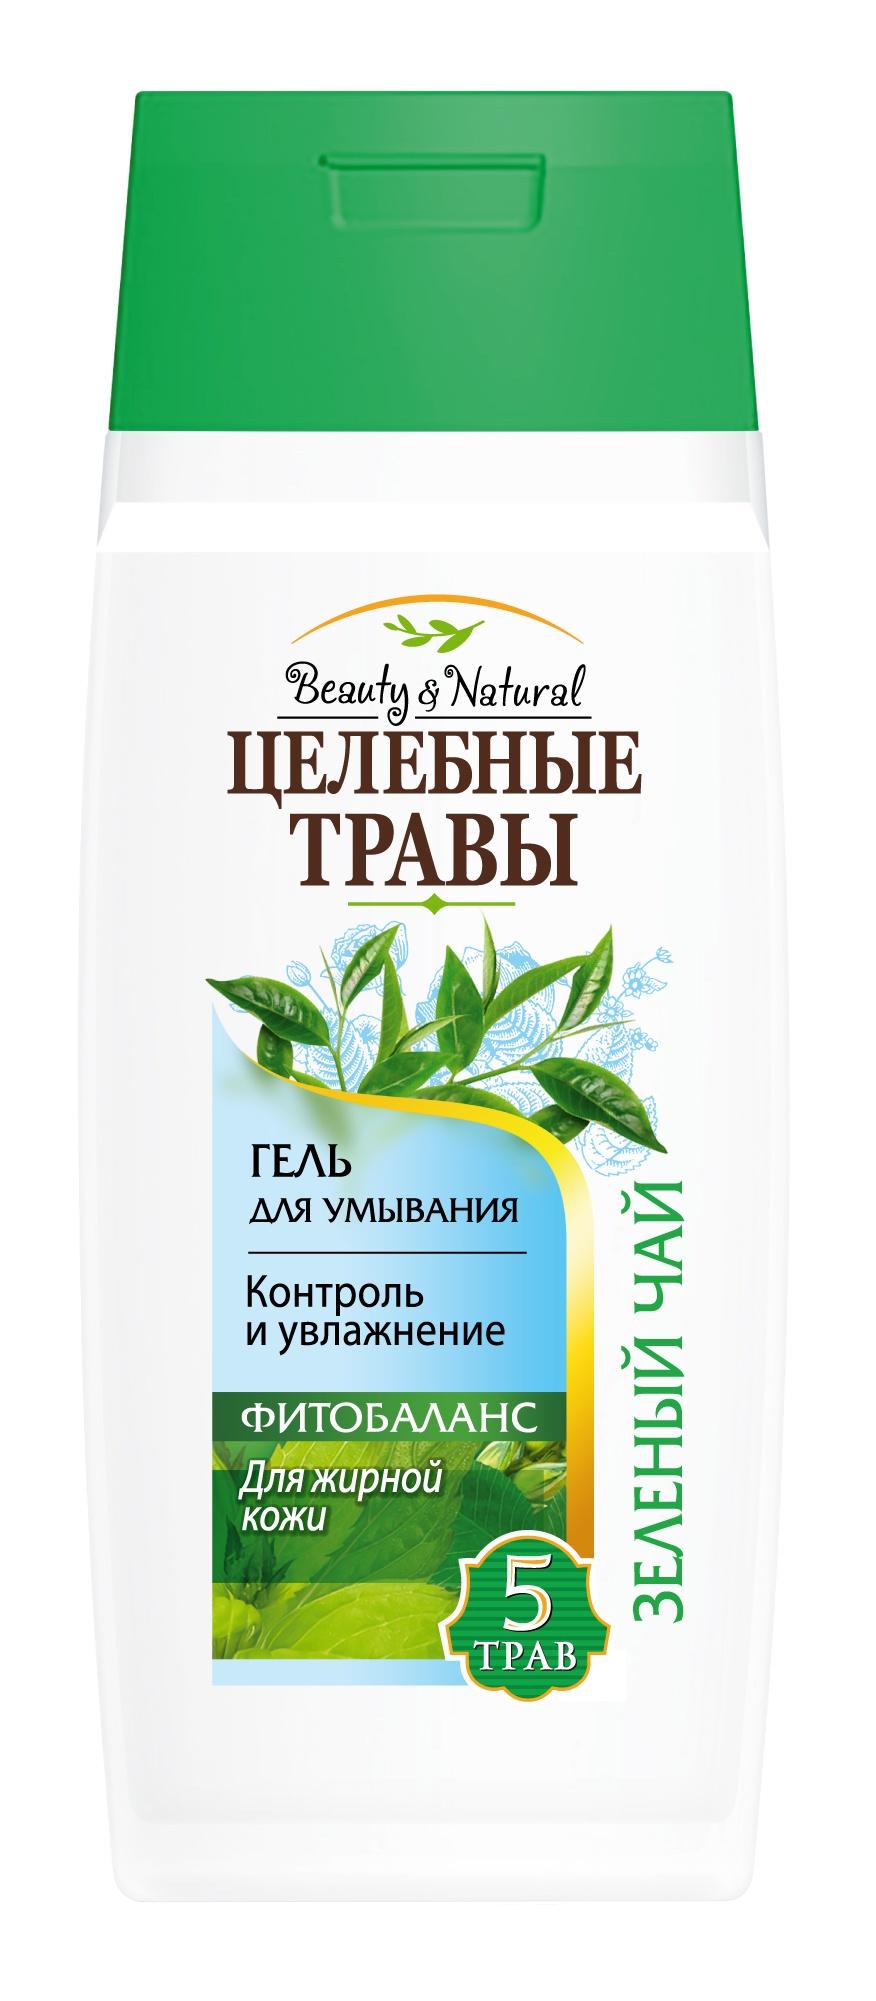 Гель для ухода за кожей ЦЕЛЕБНЫЕ ТРАВЫ Зеленым чай ЦЕЛЕБНЫЕ ТРАВЫ